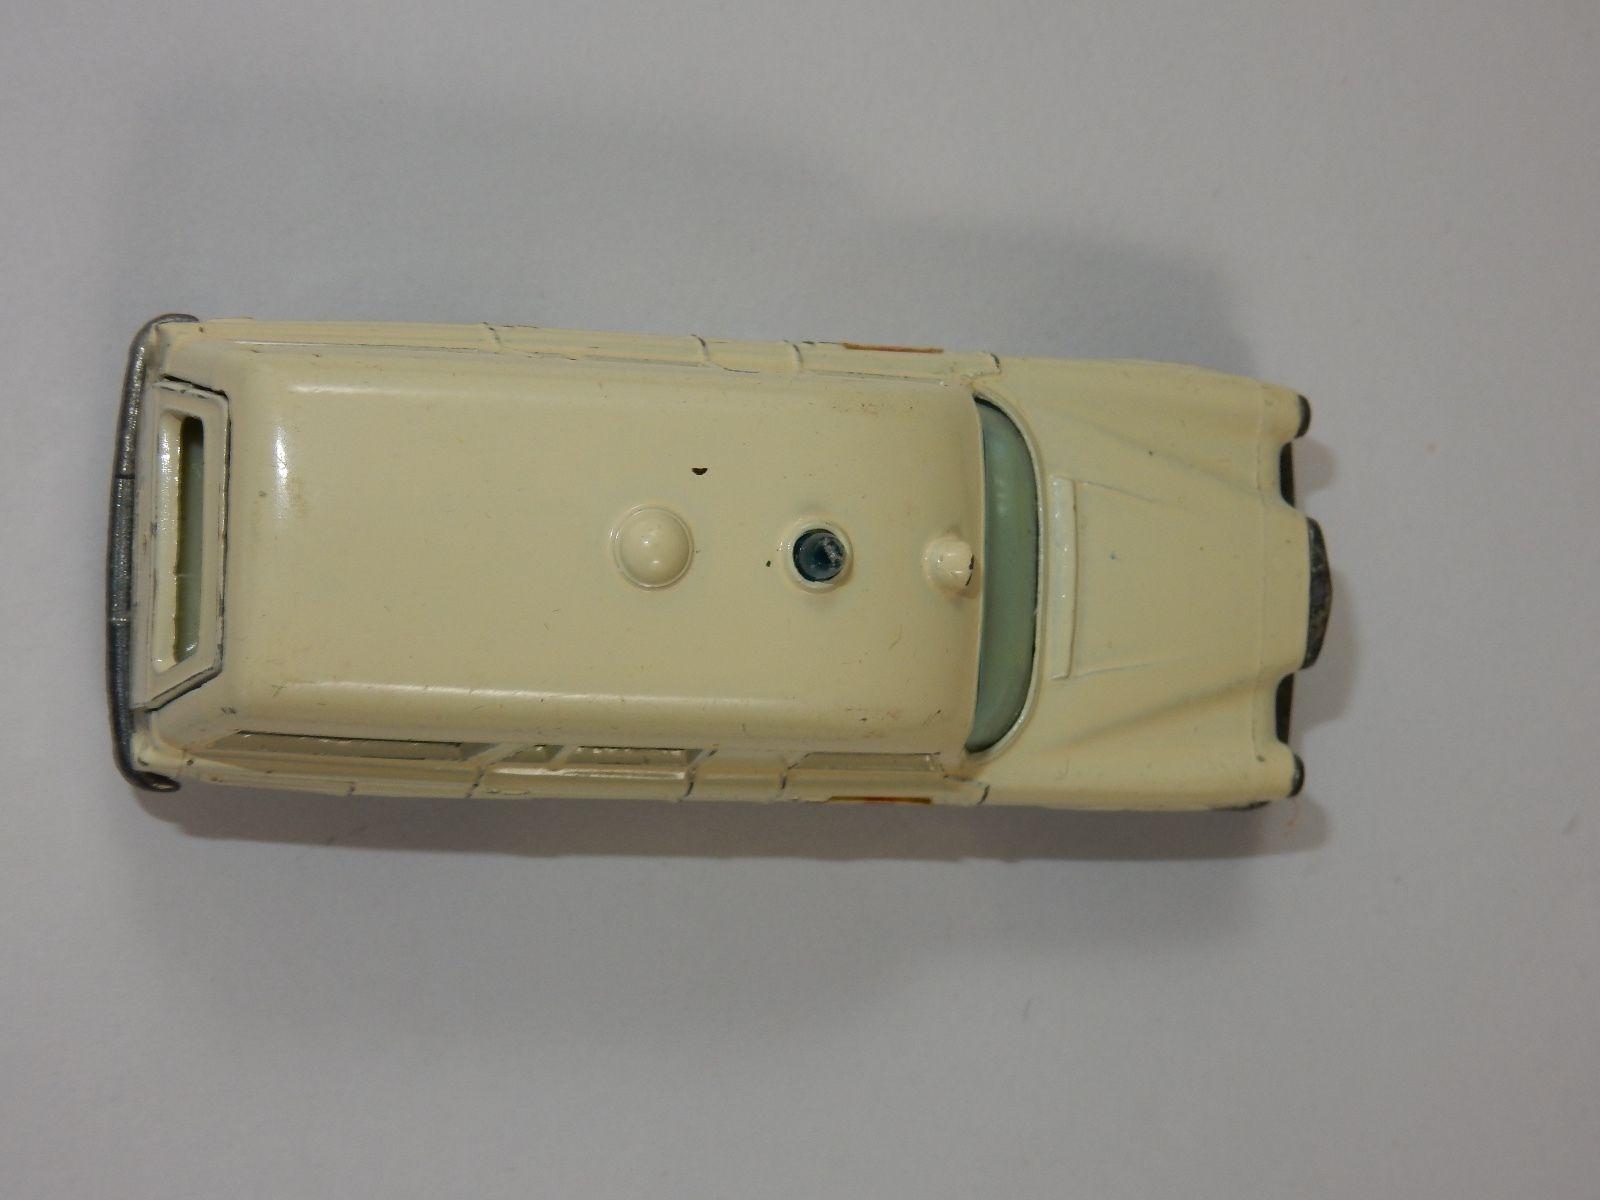 Lesney Matchbox Series No. 3 Mercedes Benz 'Binz' Ambulance ~ Made in England